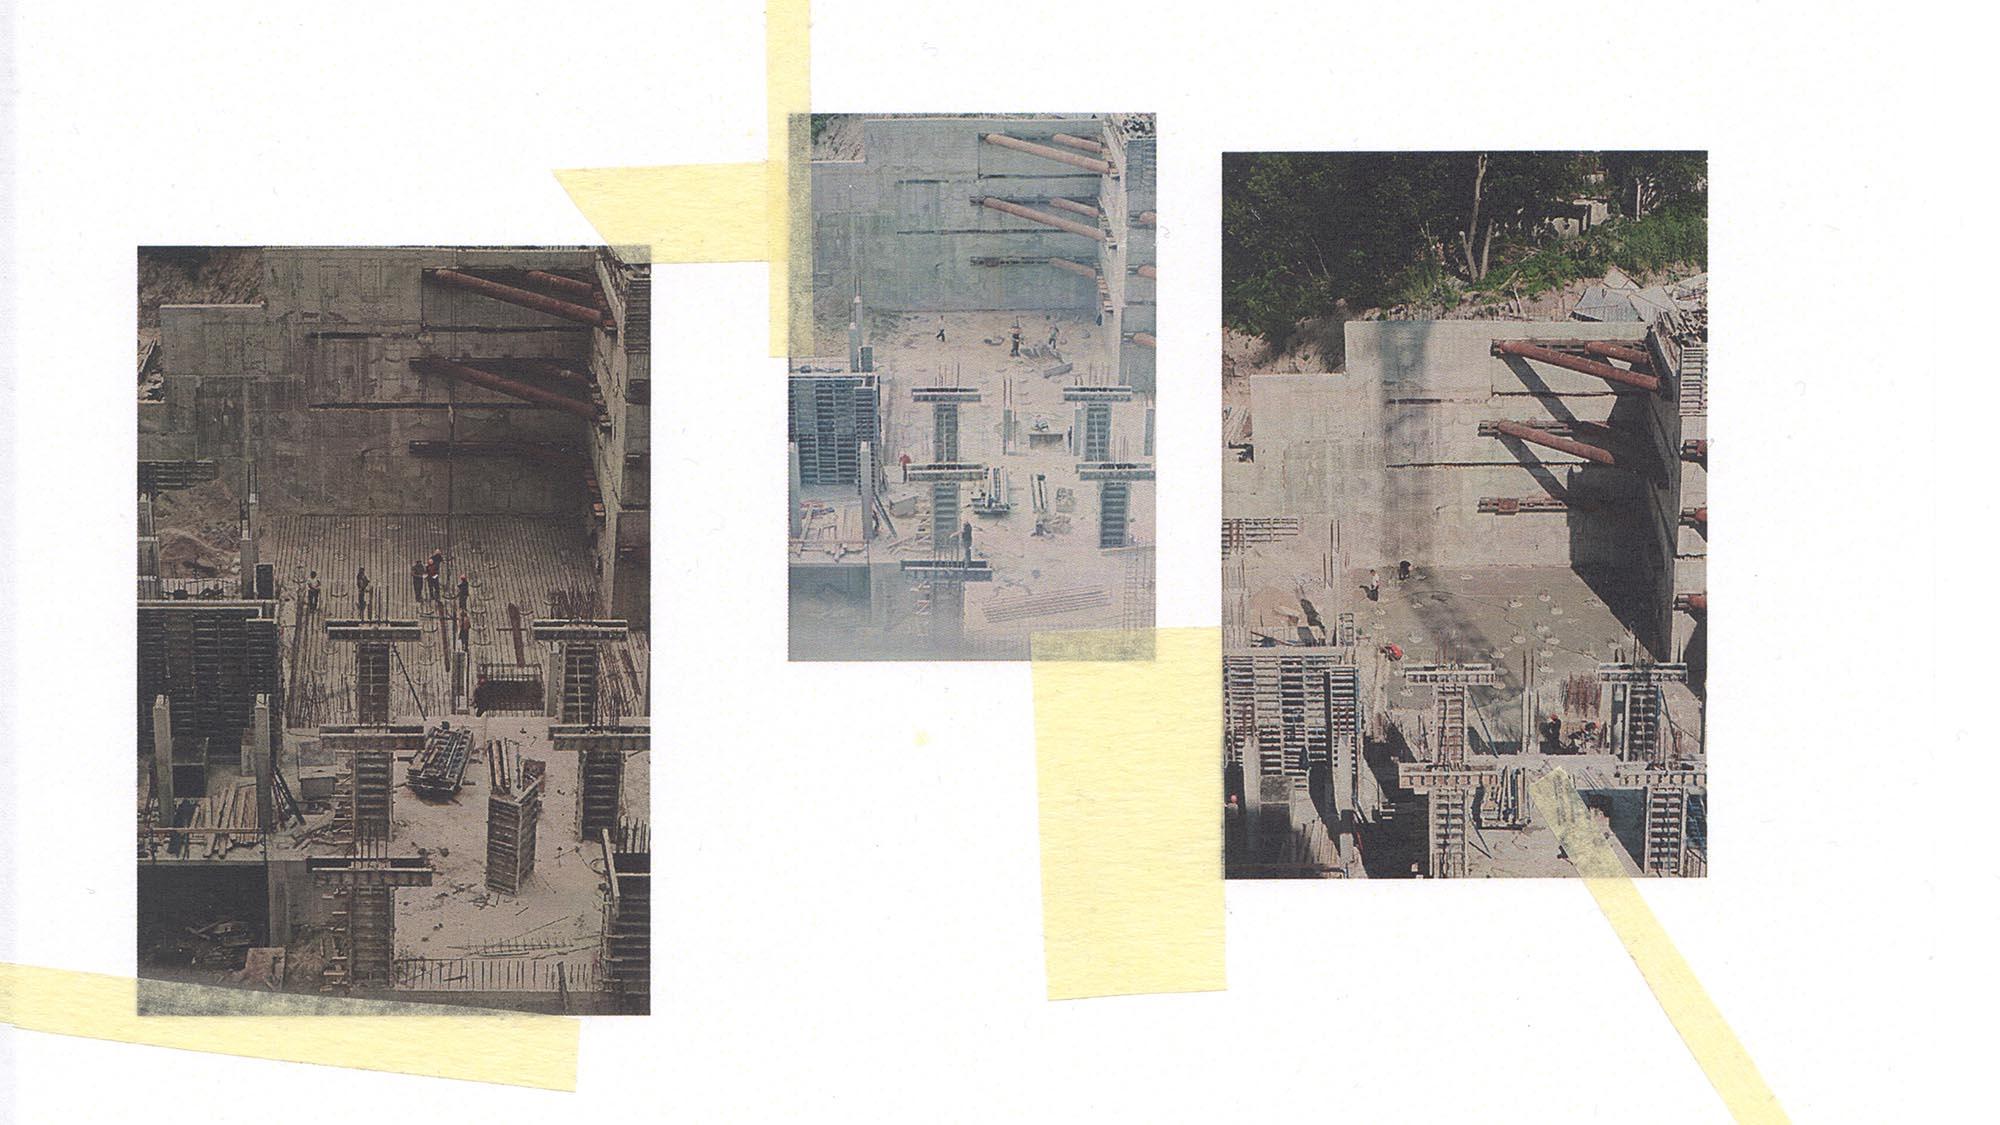 z sayenko 17 censorship 051220 - <b>Спи міцно, моє будівництво.</b> Проєкт Олесі Саєнко — у «Рівні цензури» - Заборона